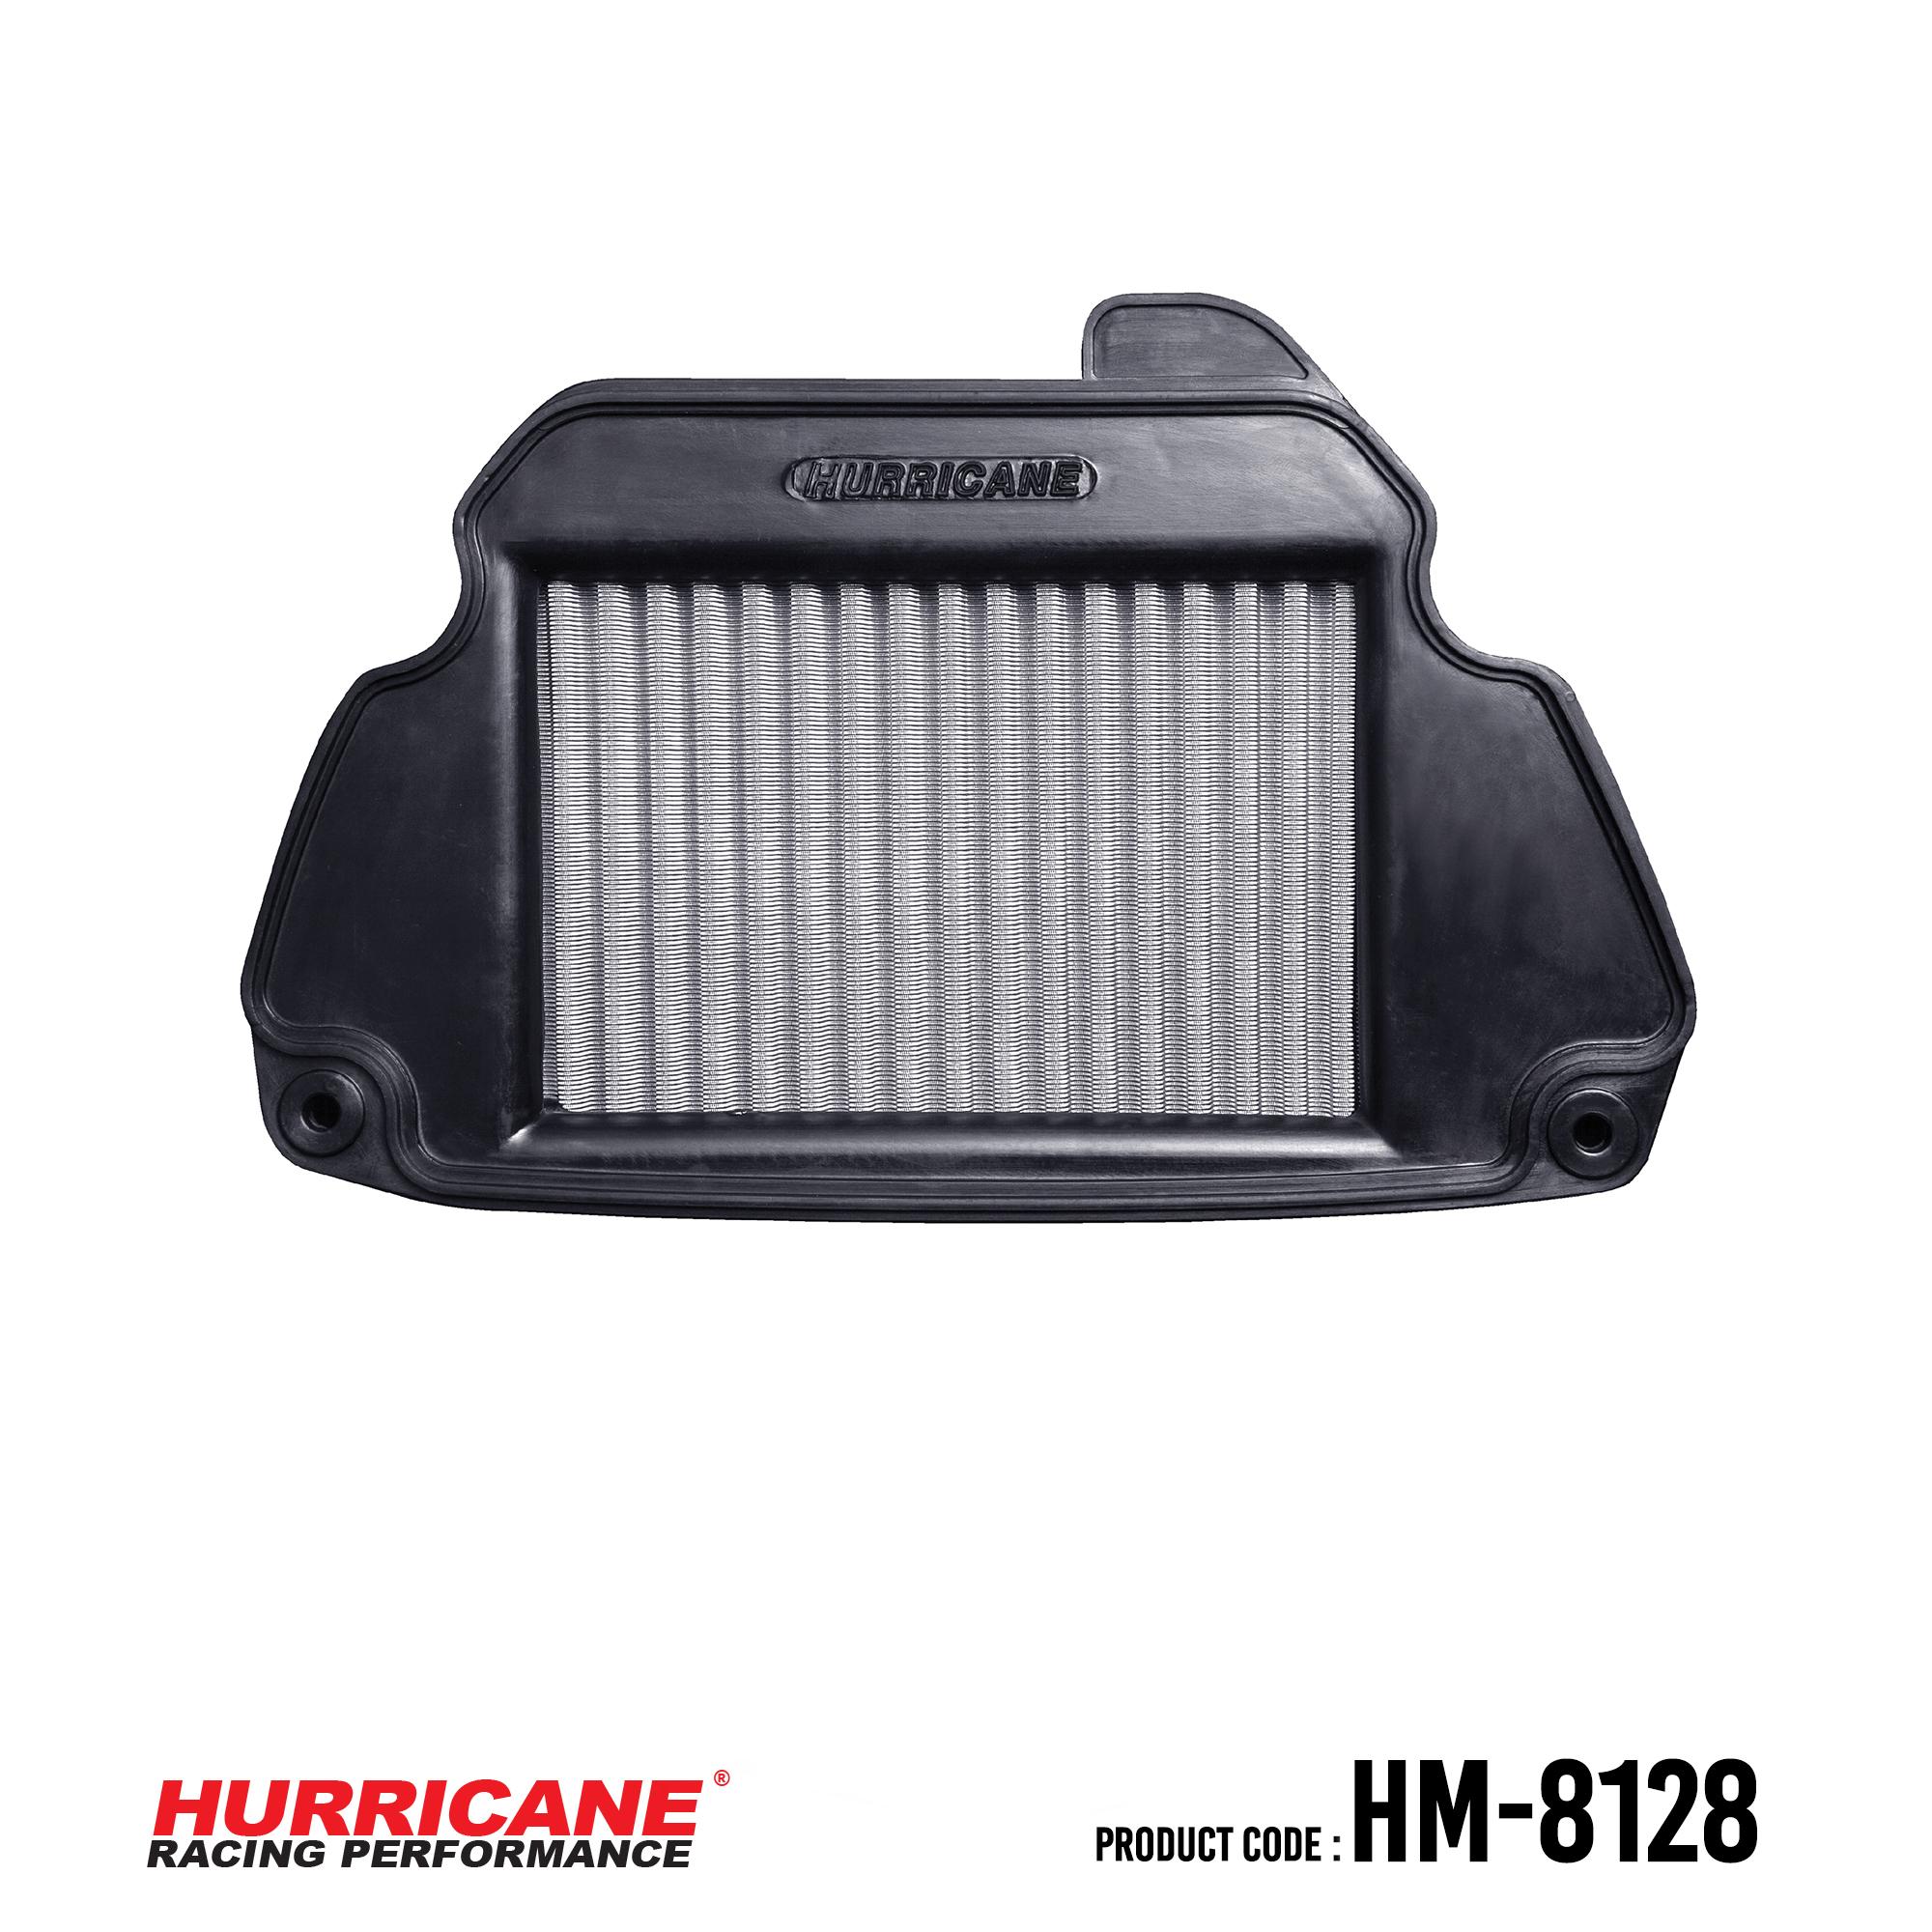 HURRICANE STAINLESS STEEL AIR FILTER FOR HM-8128 Honda